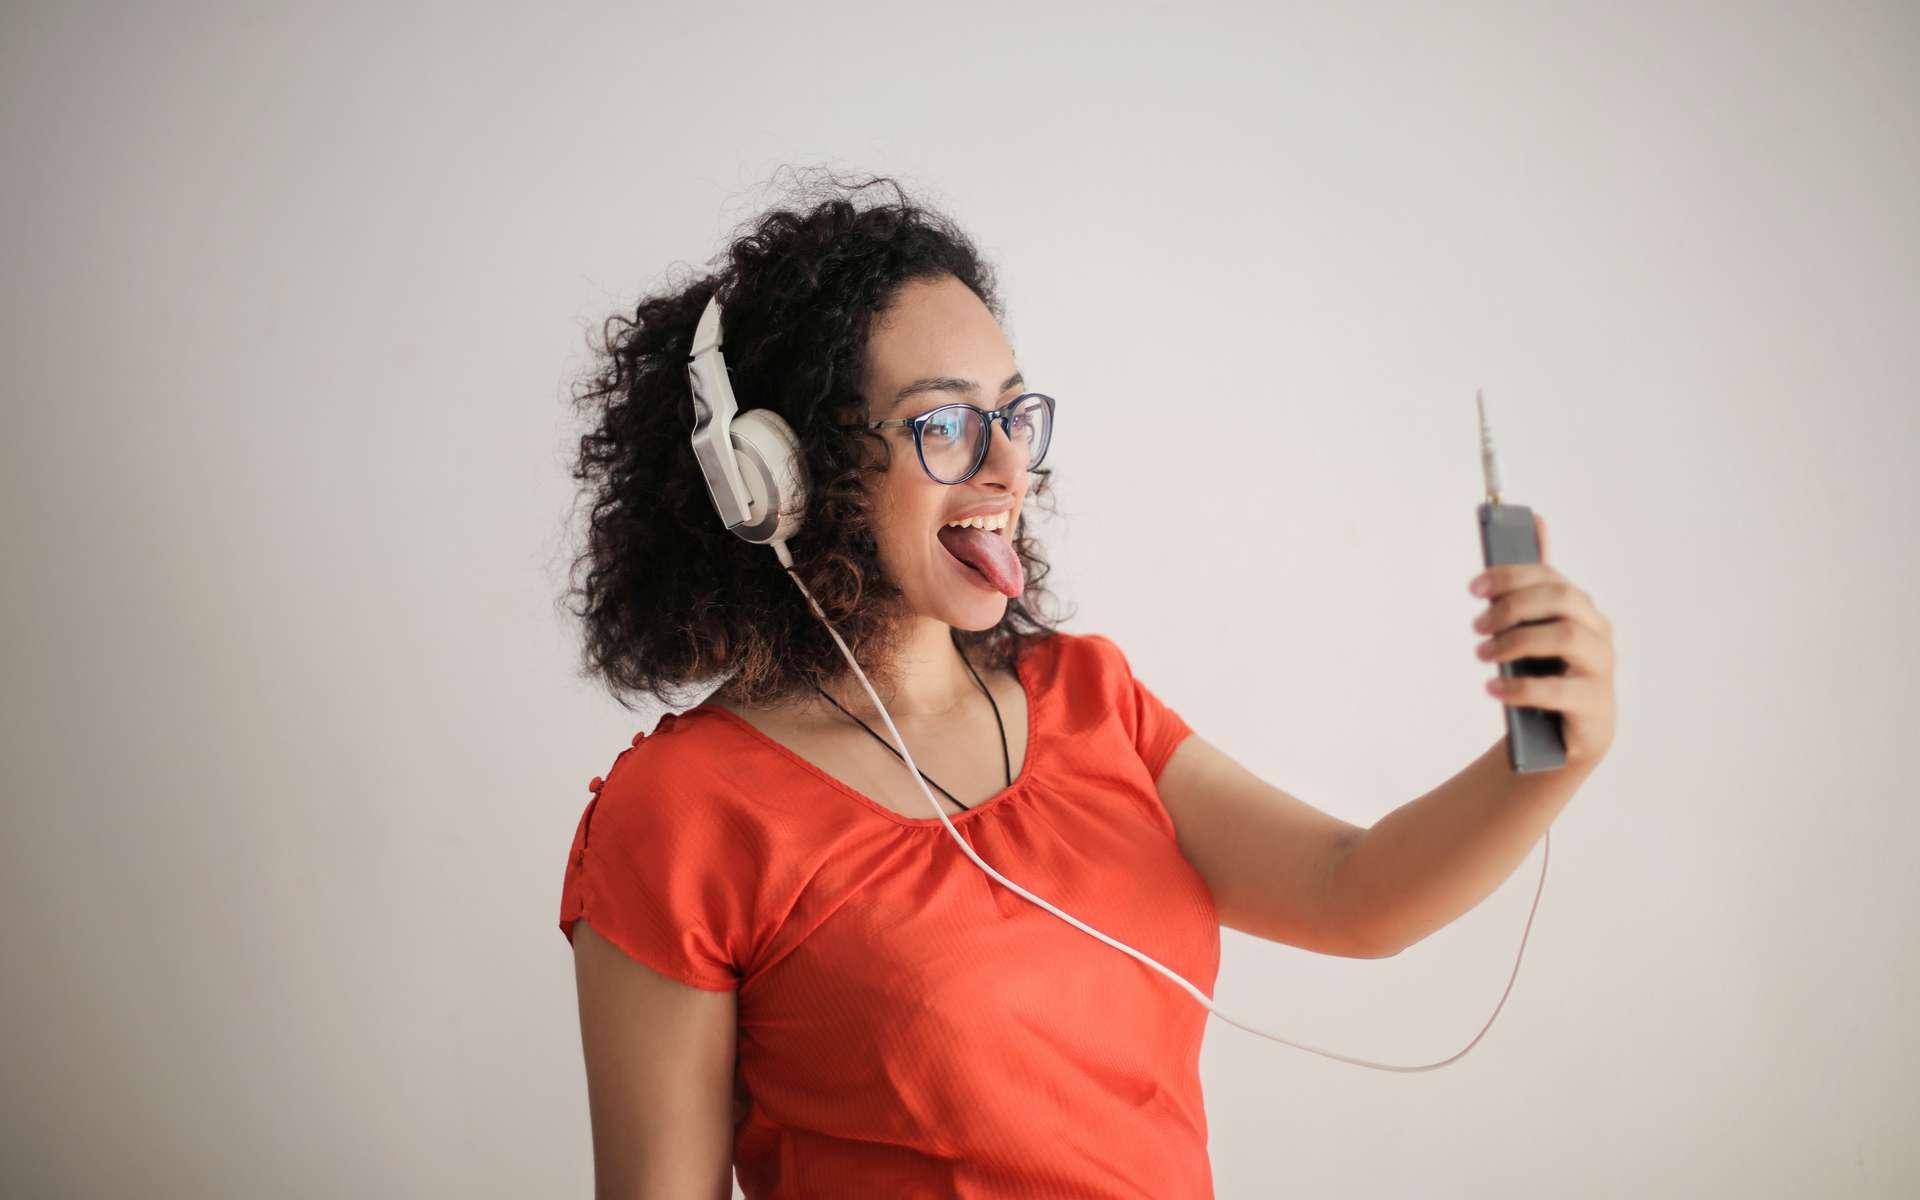 Free Mobile fait chuter les prix pour la rentrée © Andrea Piacquadio, Pexels